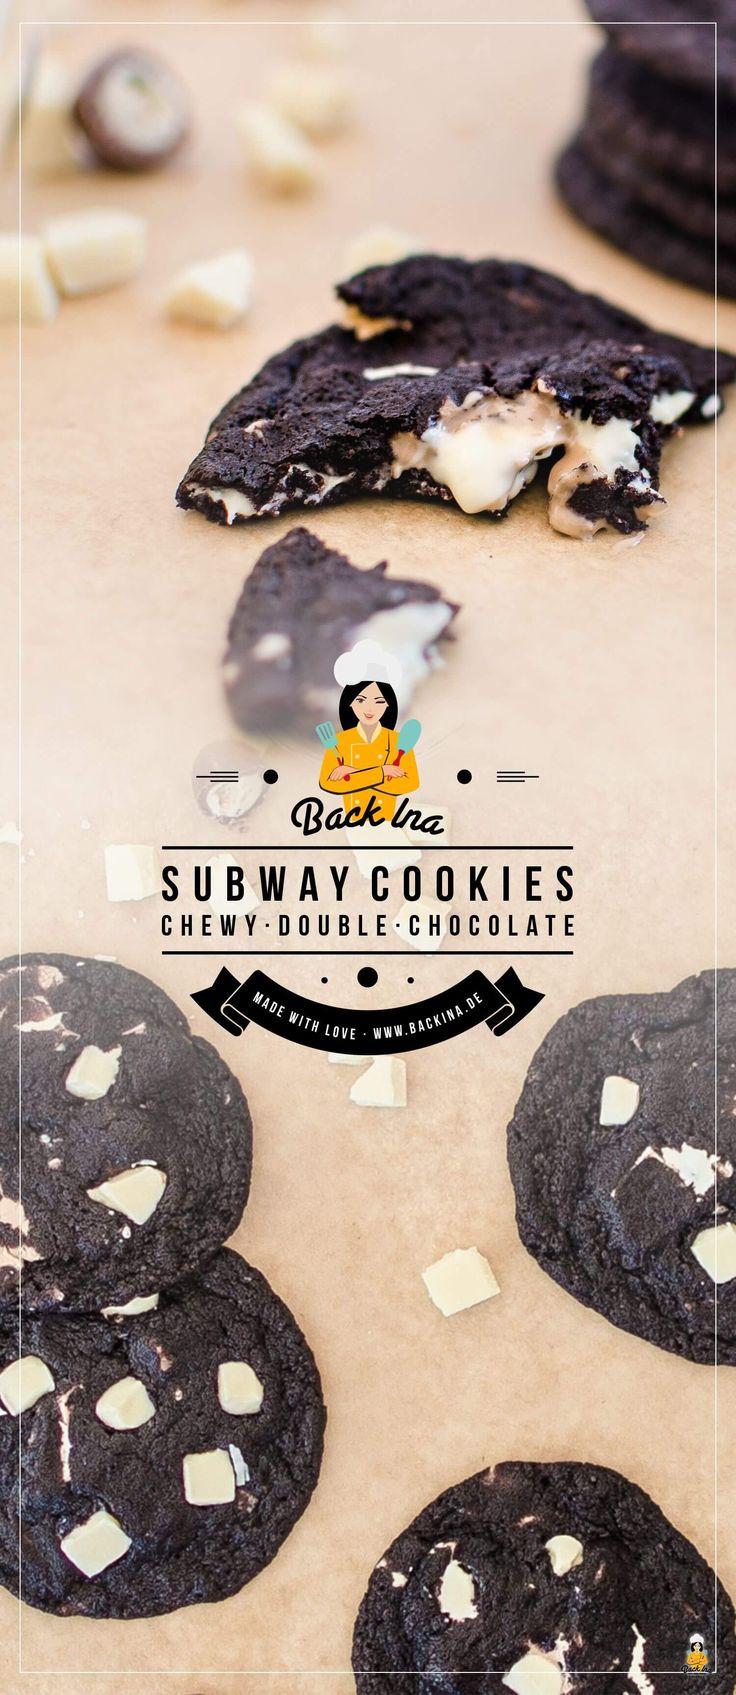 Double Chocolate Cookies wie bei Subway oder Starbucks: Diese dunklen Cookies sind so chewy und aromatisch - es herrscht Suchtgefahr! | Backina.de (Dessert Recipes Cheesecake)